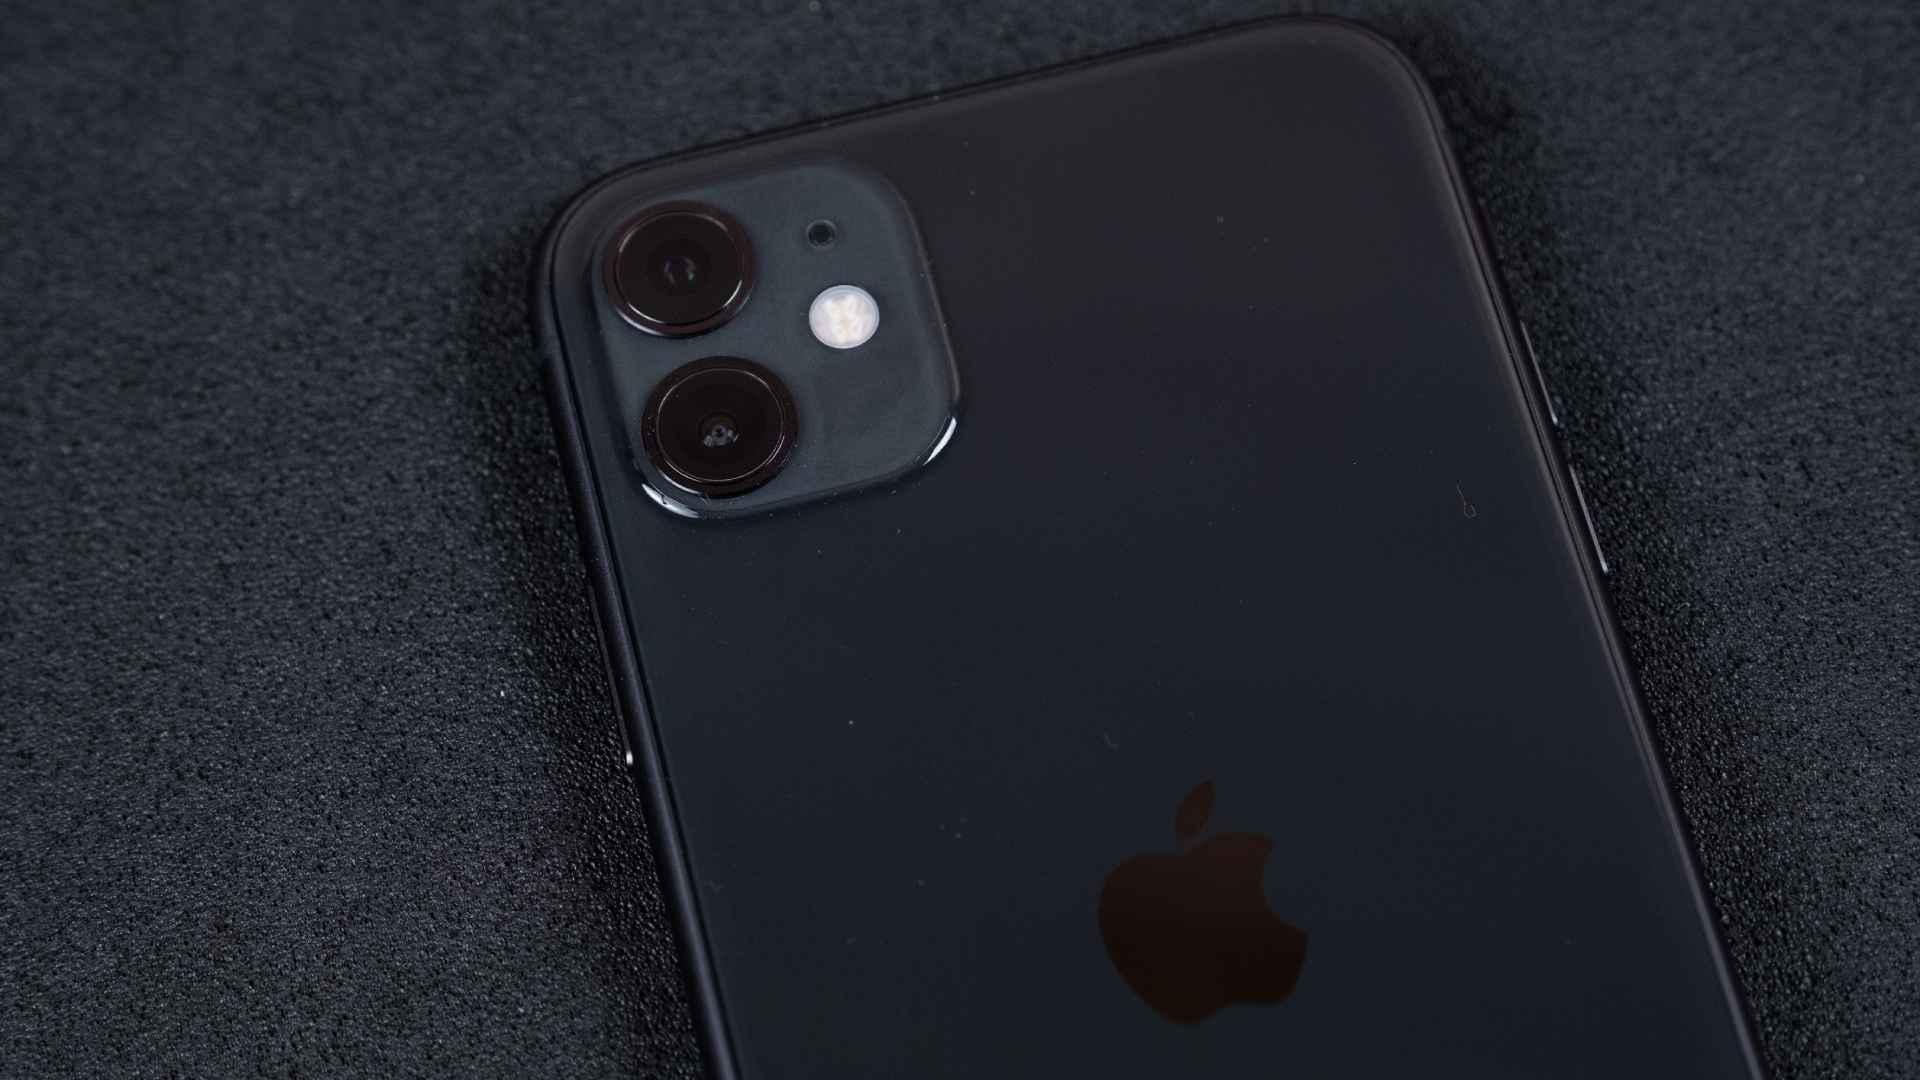 Detalhe da traseira do iPhone 11 preto, mostrando a câmera dupla, em fundo preto